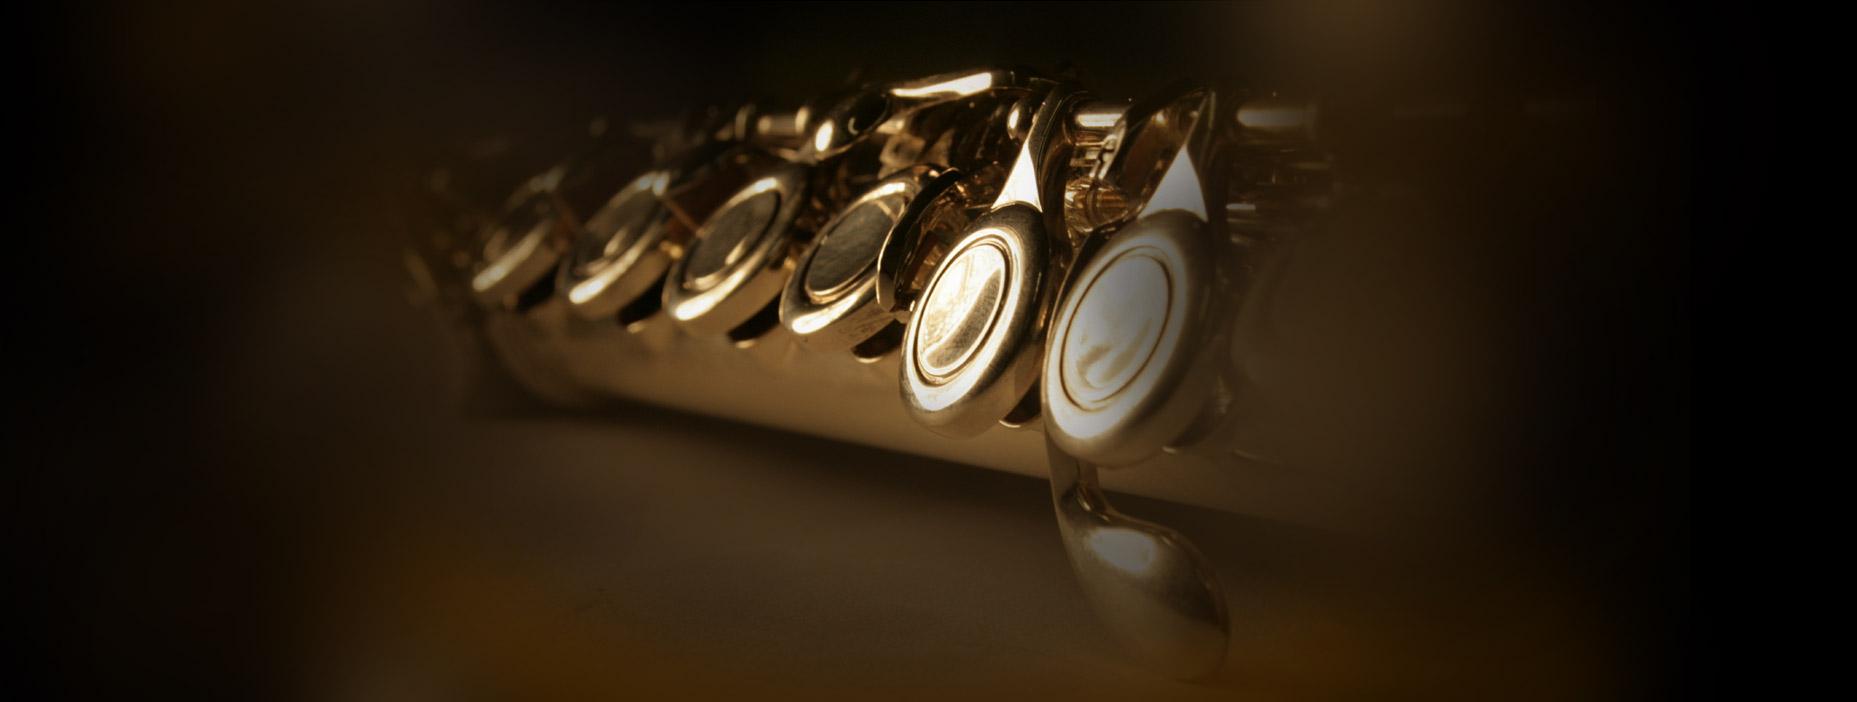 Serviços da Empresa de Eventos Musicais Para Casamentos, Orquestra e Coral, Corporativo